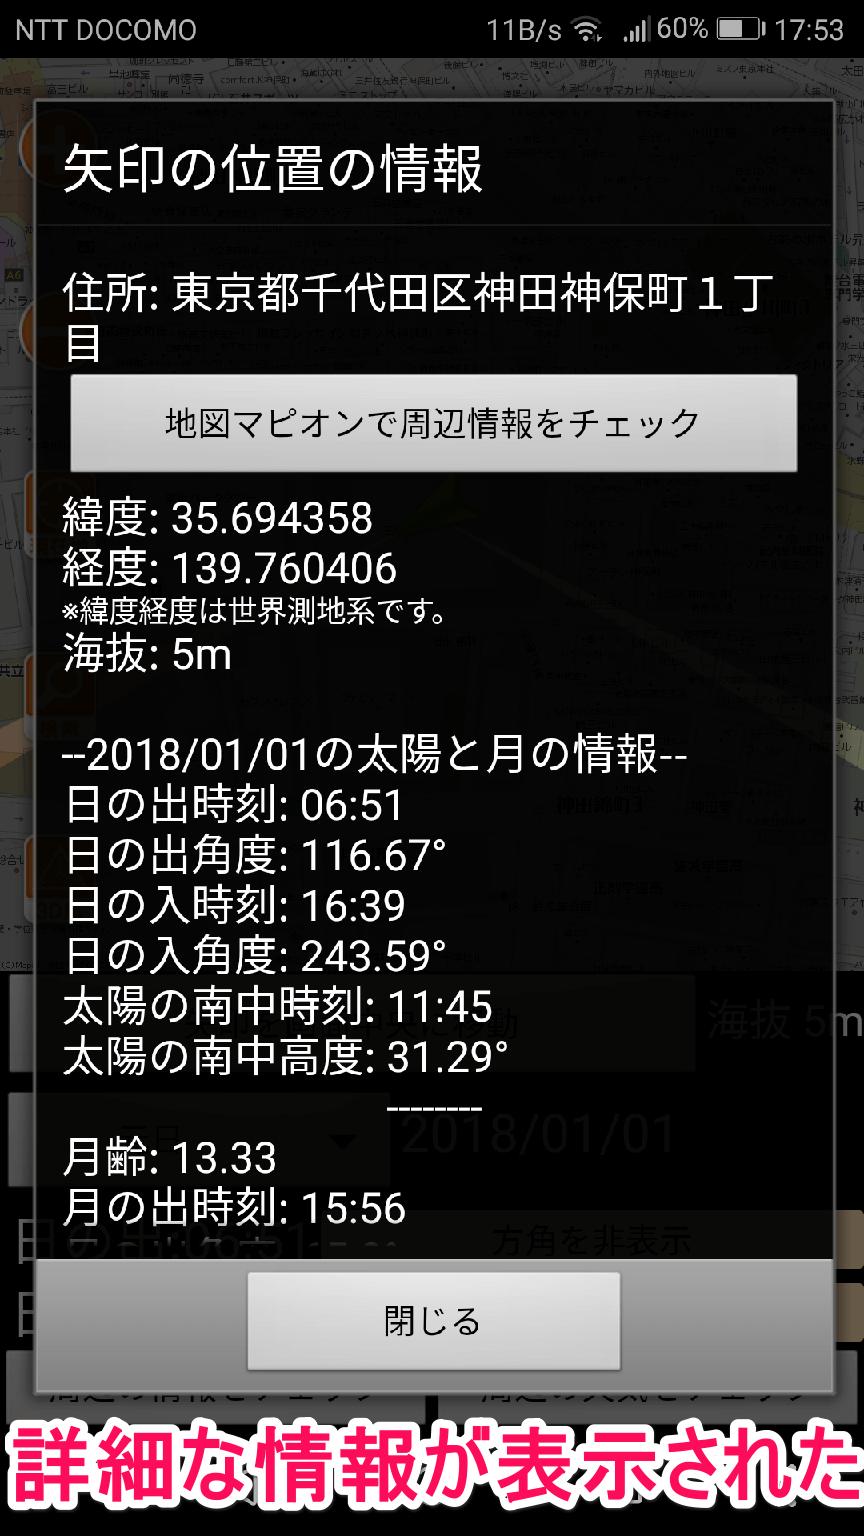 Android(アンドロイド)版[日の出日の入マピオン]アプリで好きな場所の詳細情報を表示した画面